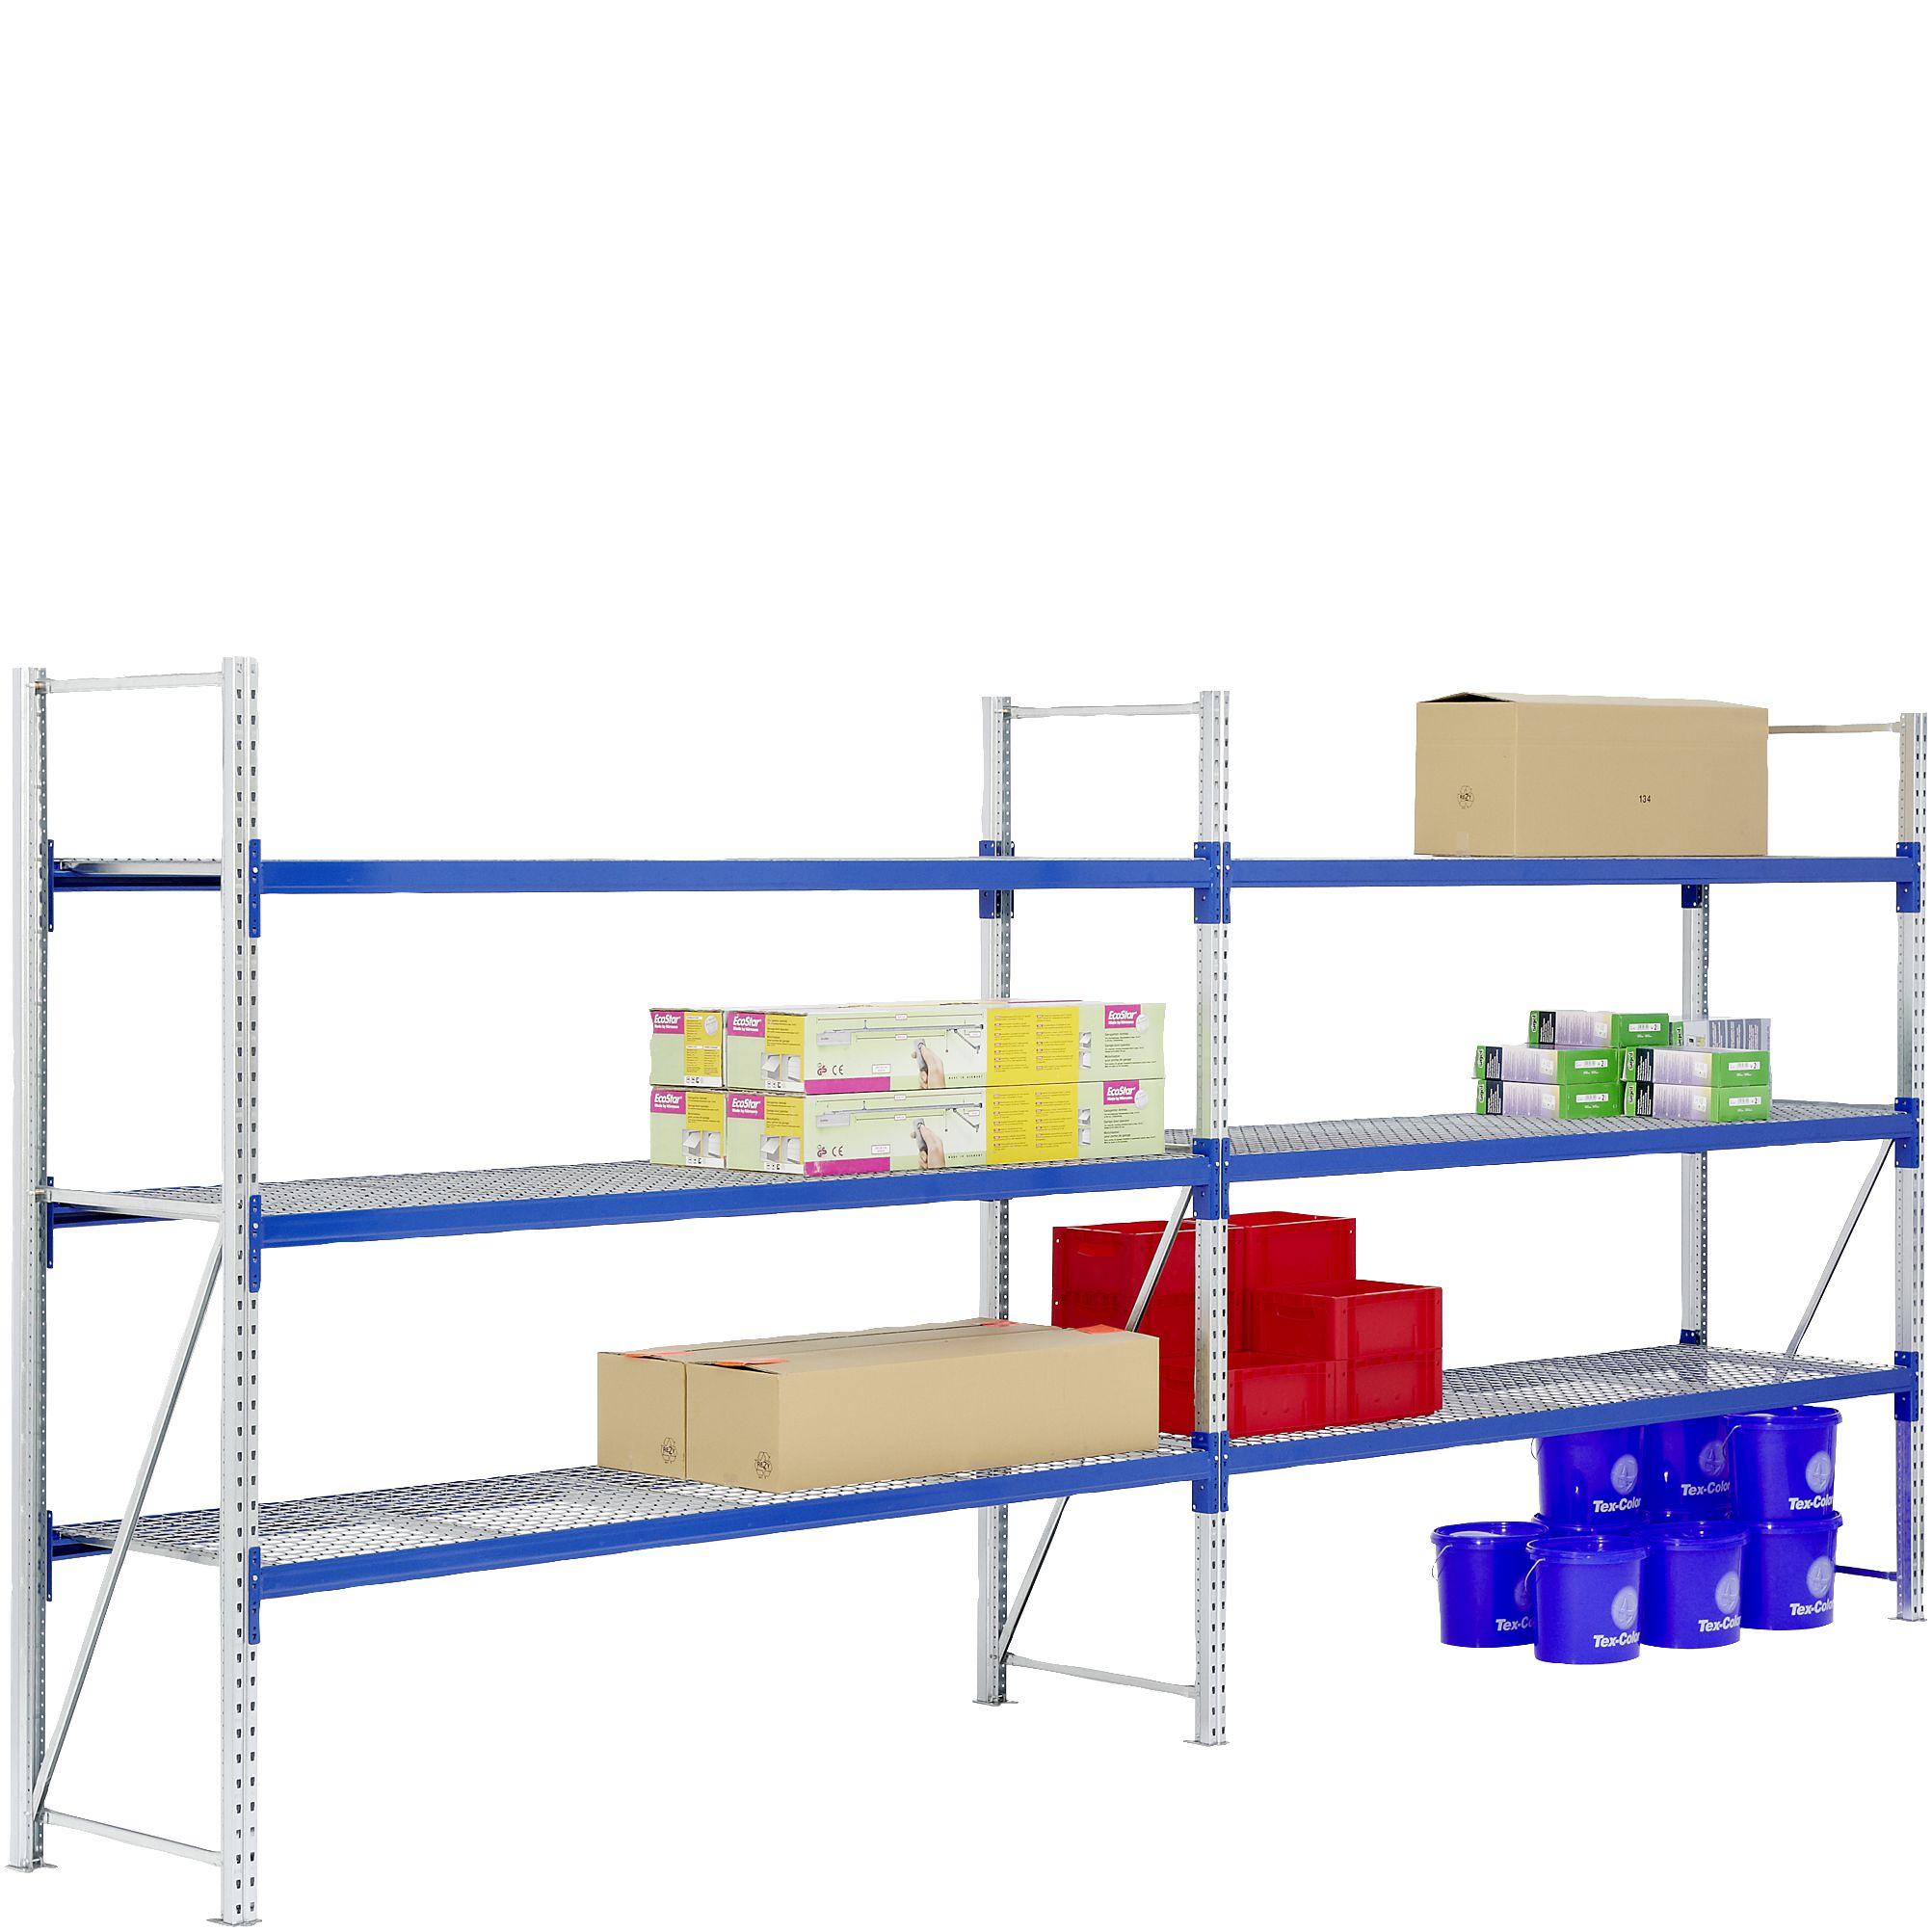 Weitspannregal Set / F2 2000x 600 x700 G-/A-Feld 3Ebenen Gitterböden  RAL5010